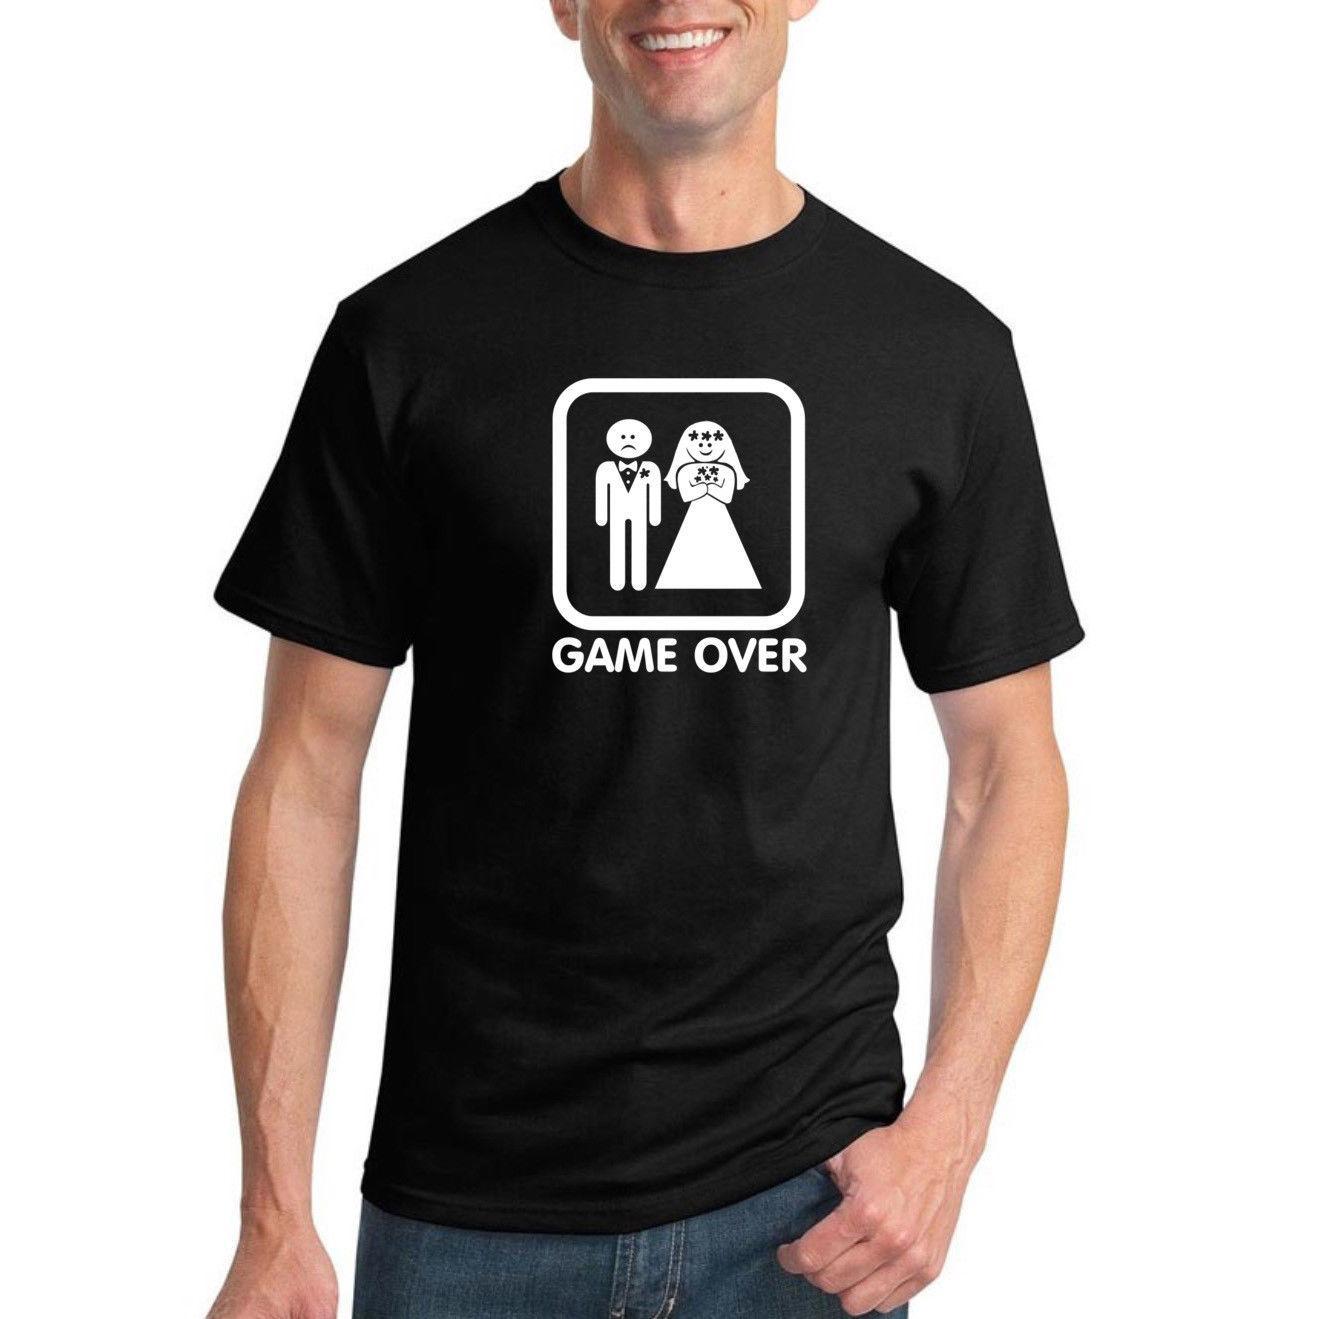 Großhandel Spiel Über Lustige Hochzeit Geschenk T Shirt Mens Grafik Humor  Neuheit Tee Von Csndicestore,  11.95 Auf De.Dhgate.Com   Dhgate 97370cd863